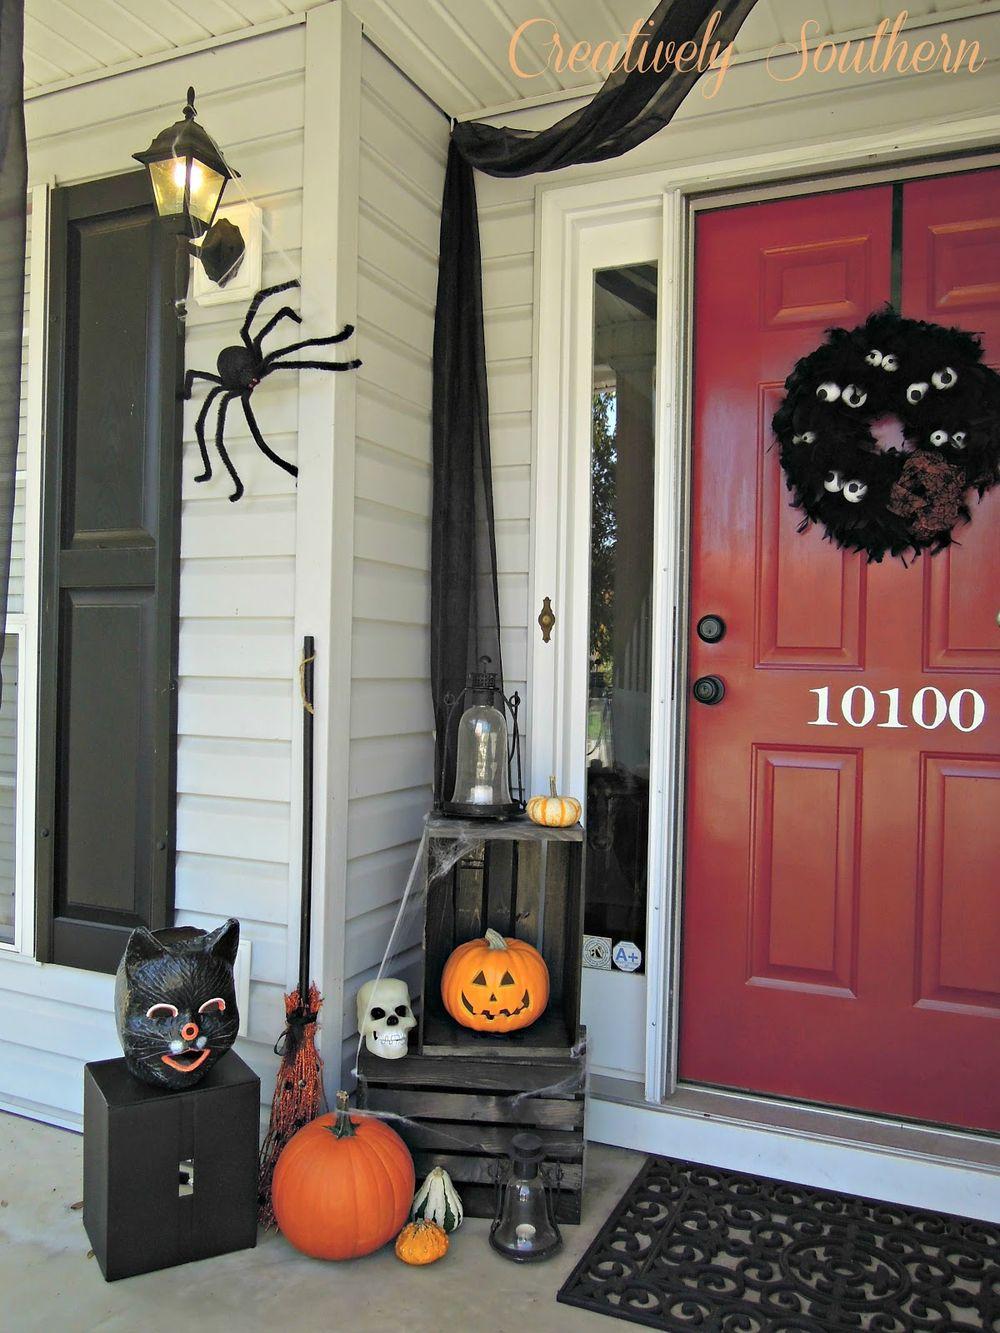 Halloween front porch decor via creativelysouthern